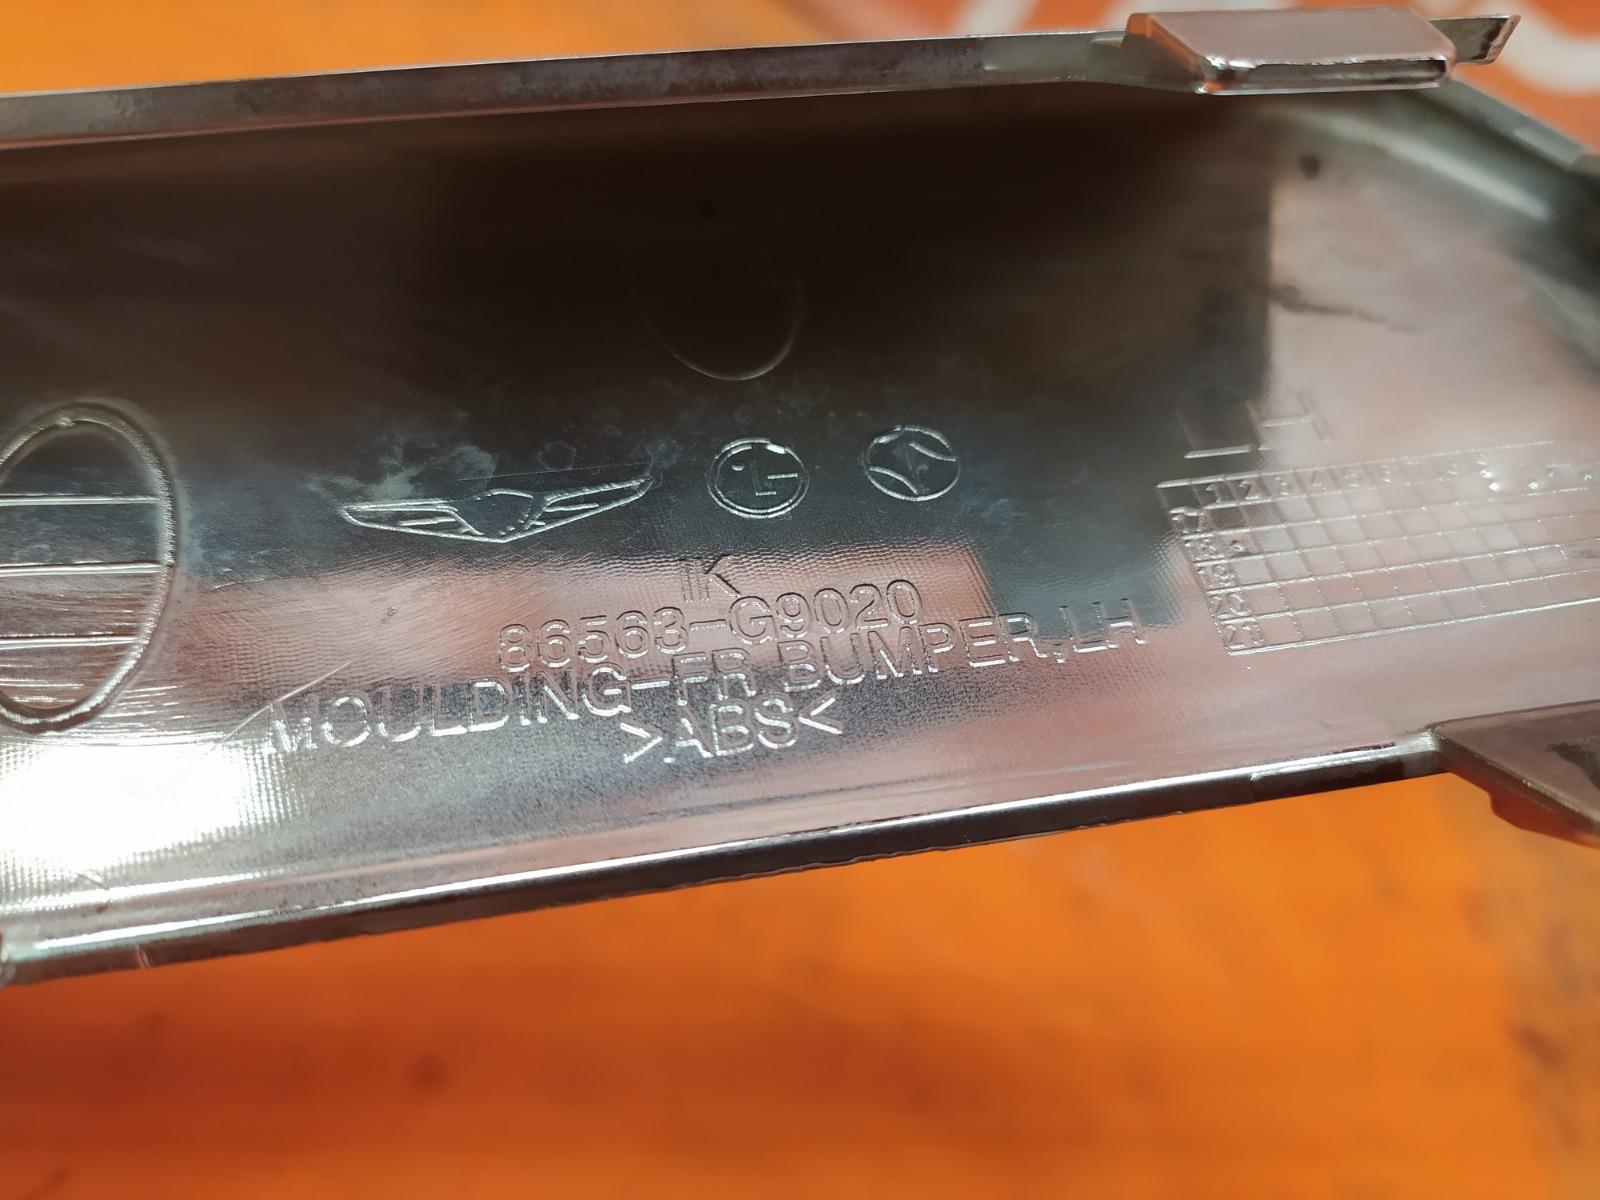 Окантовка ПТФ левая G70 2017-нв 1